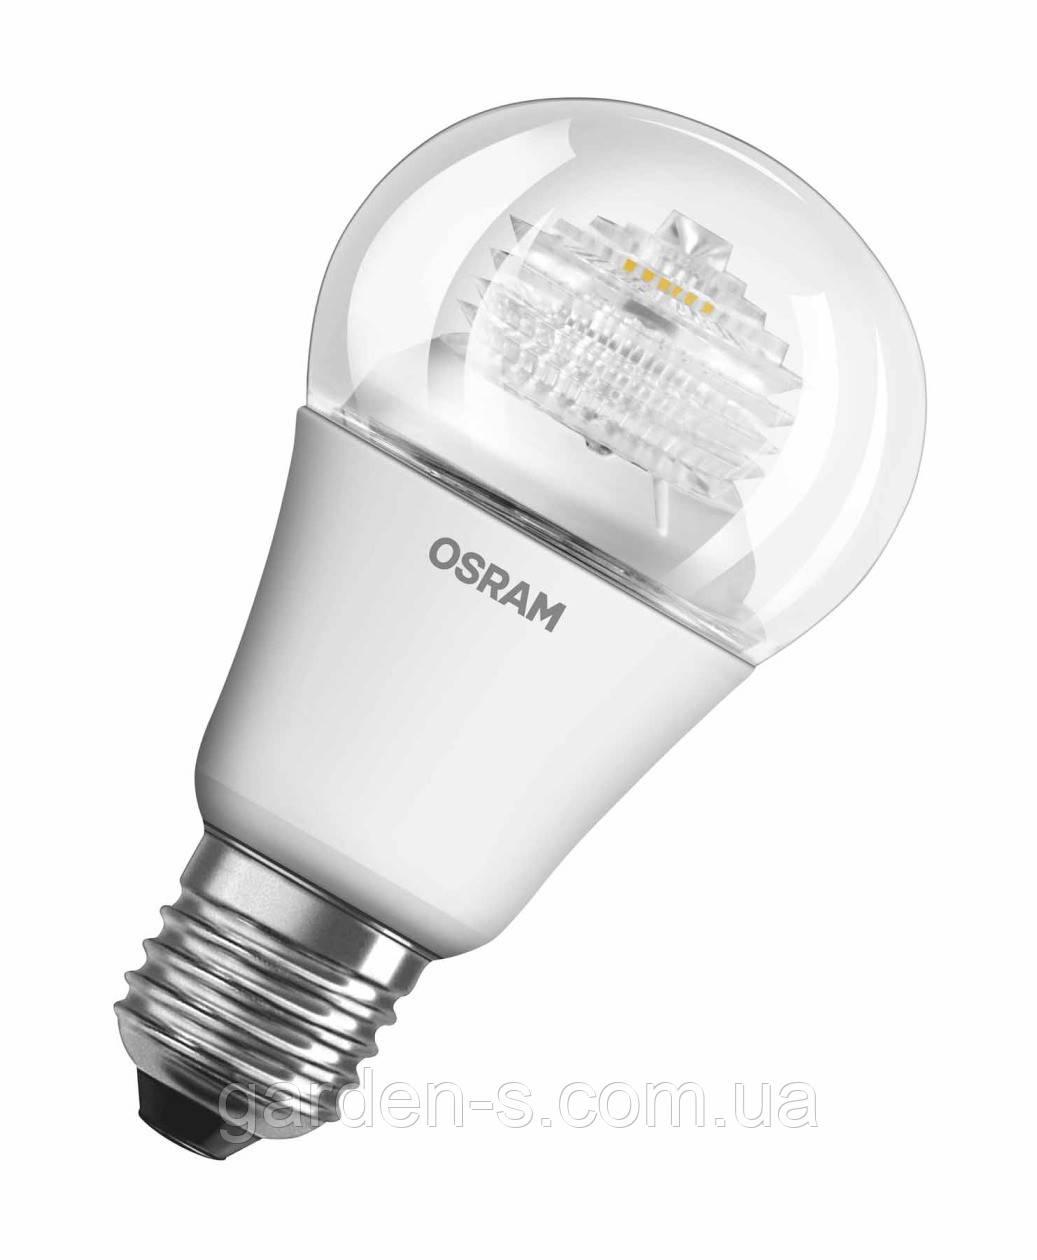 Светодиодная лампа OSRAM LED STAR CLASSIC A 60 10 W/827 E27 CL